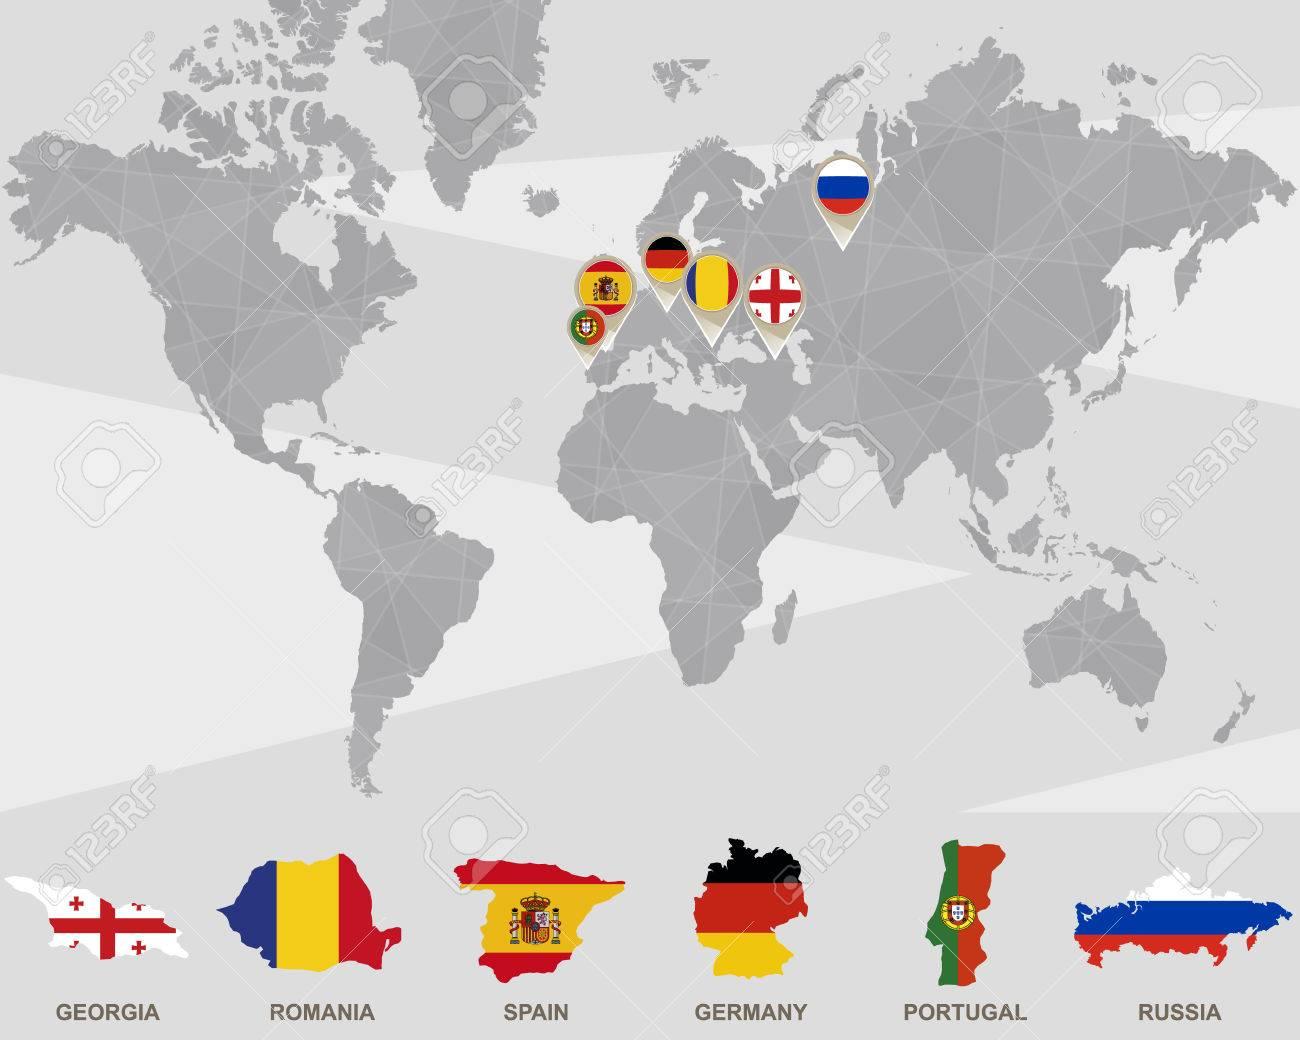 Carte Du Monde Allemagne.Carte Du Monde Avec La Georgie La Roumanie L Espagne L Allemagne Le Portugal La Russie Illustration Vectorielle